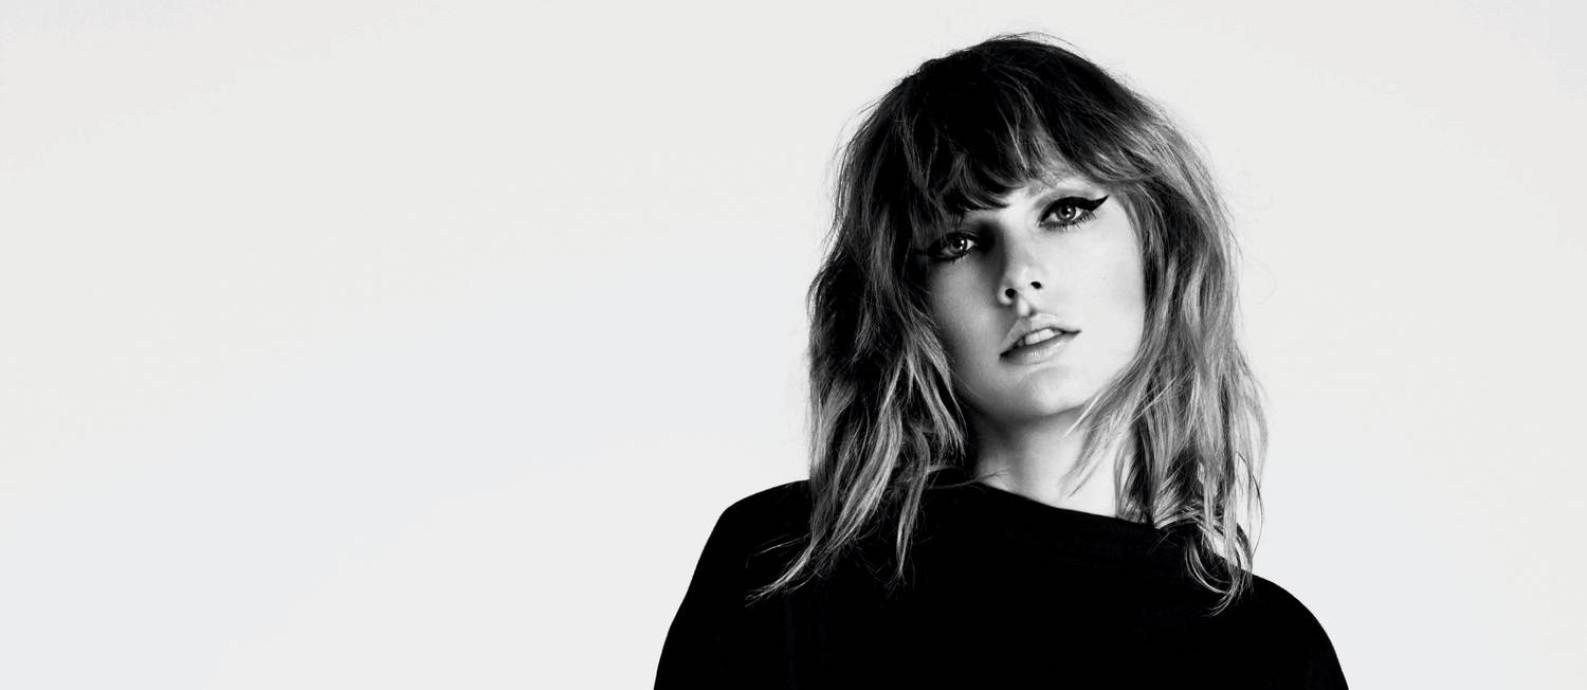 Taylor Swift lança 'Reputation', seu sexto álbum Foto: Divulgação